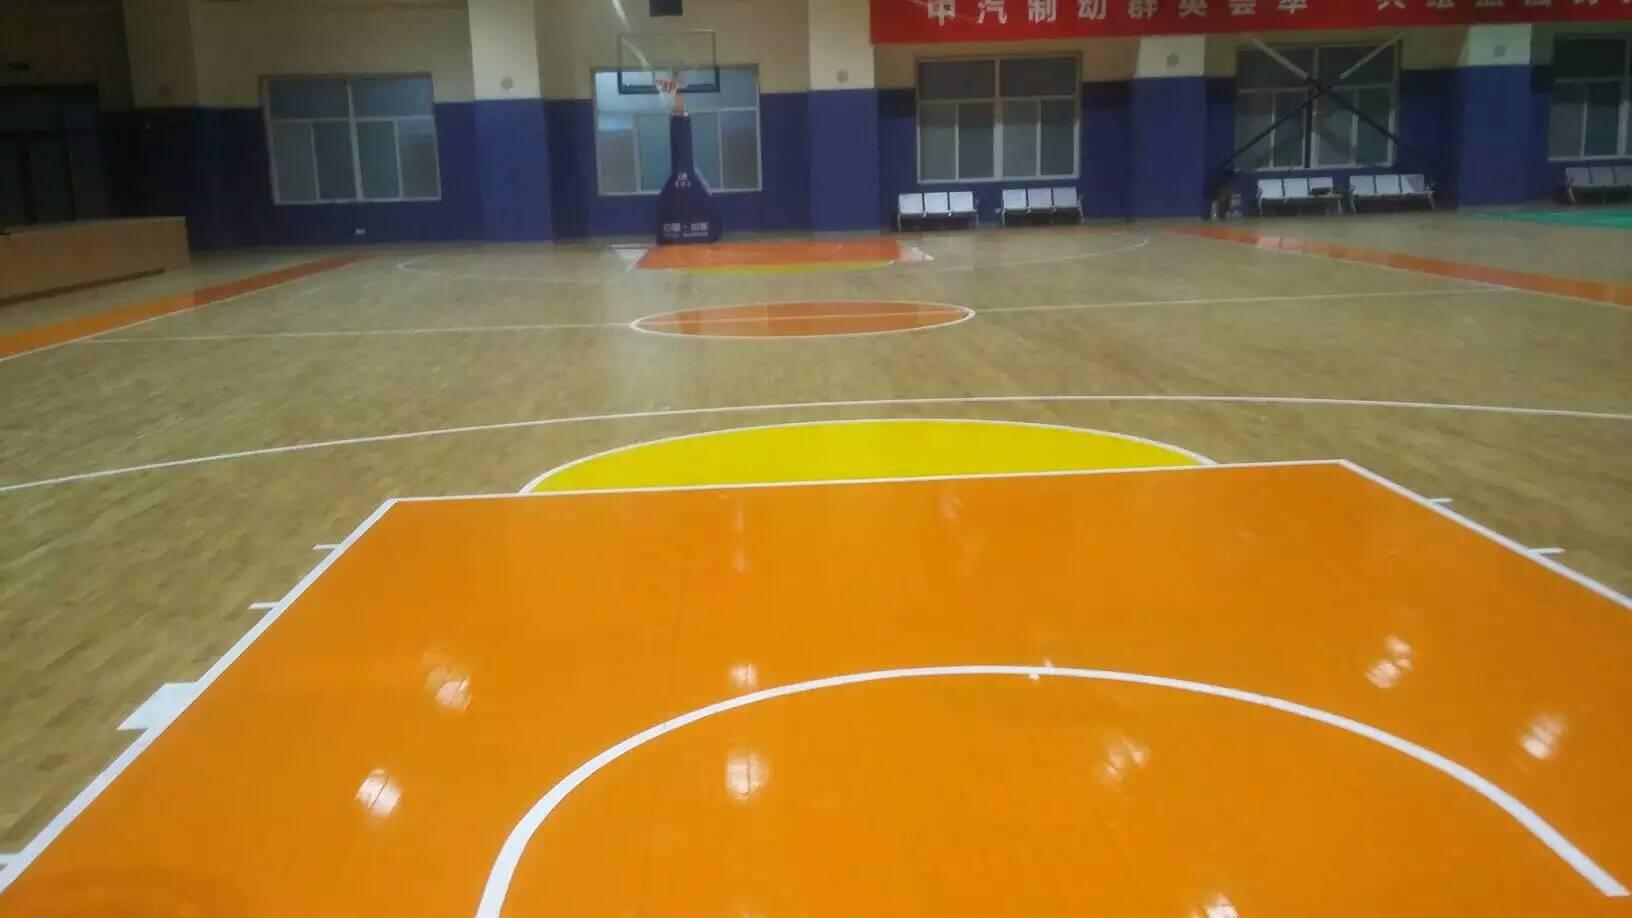 兰州职业技术学校体育馆